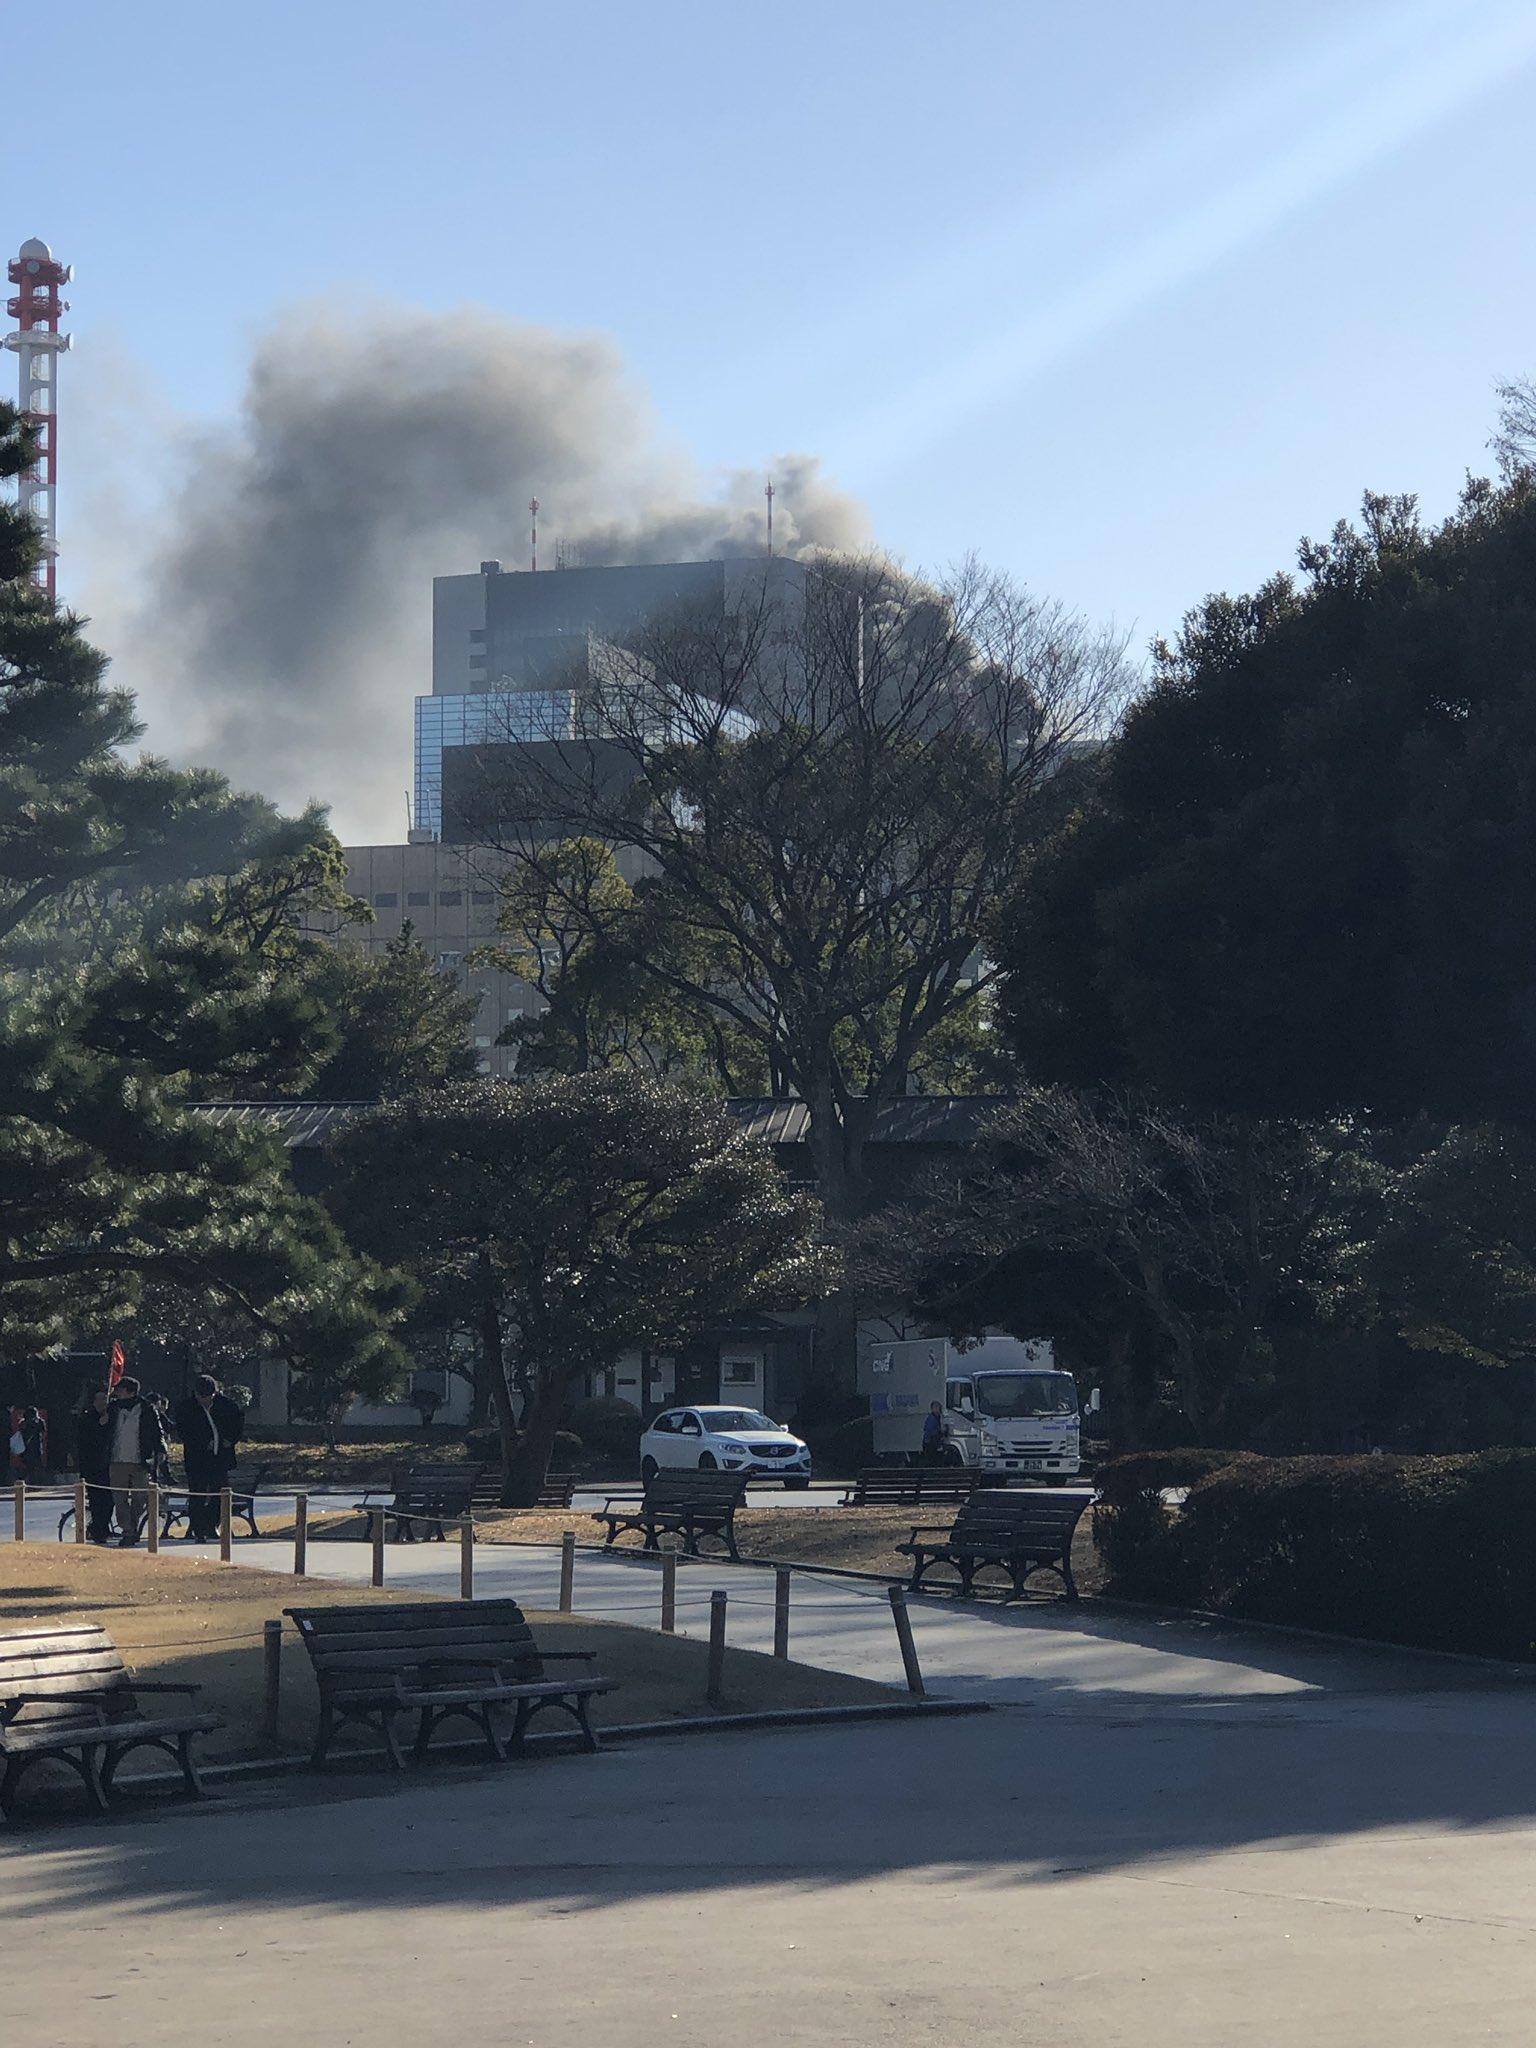 画像,日比谷これ煙がすごい。火事かな? https://t.co/MjnXsG7aee。